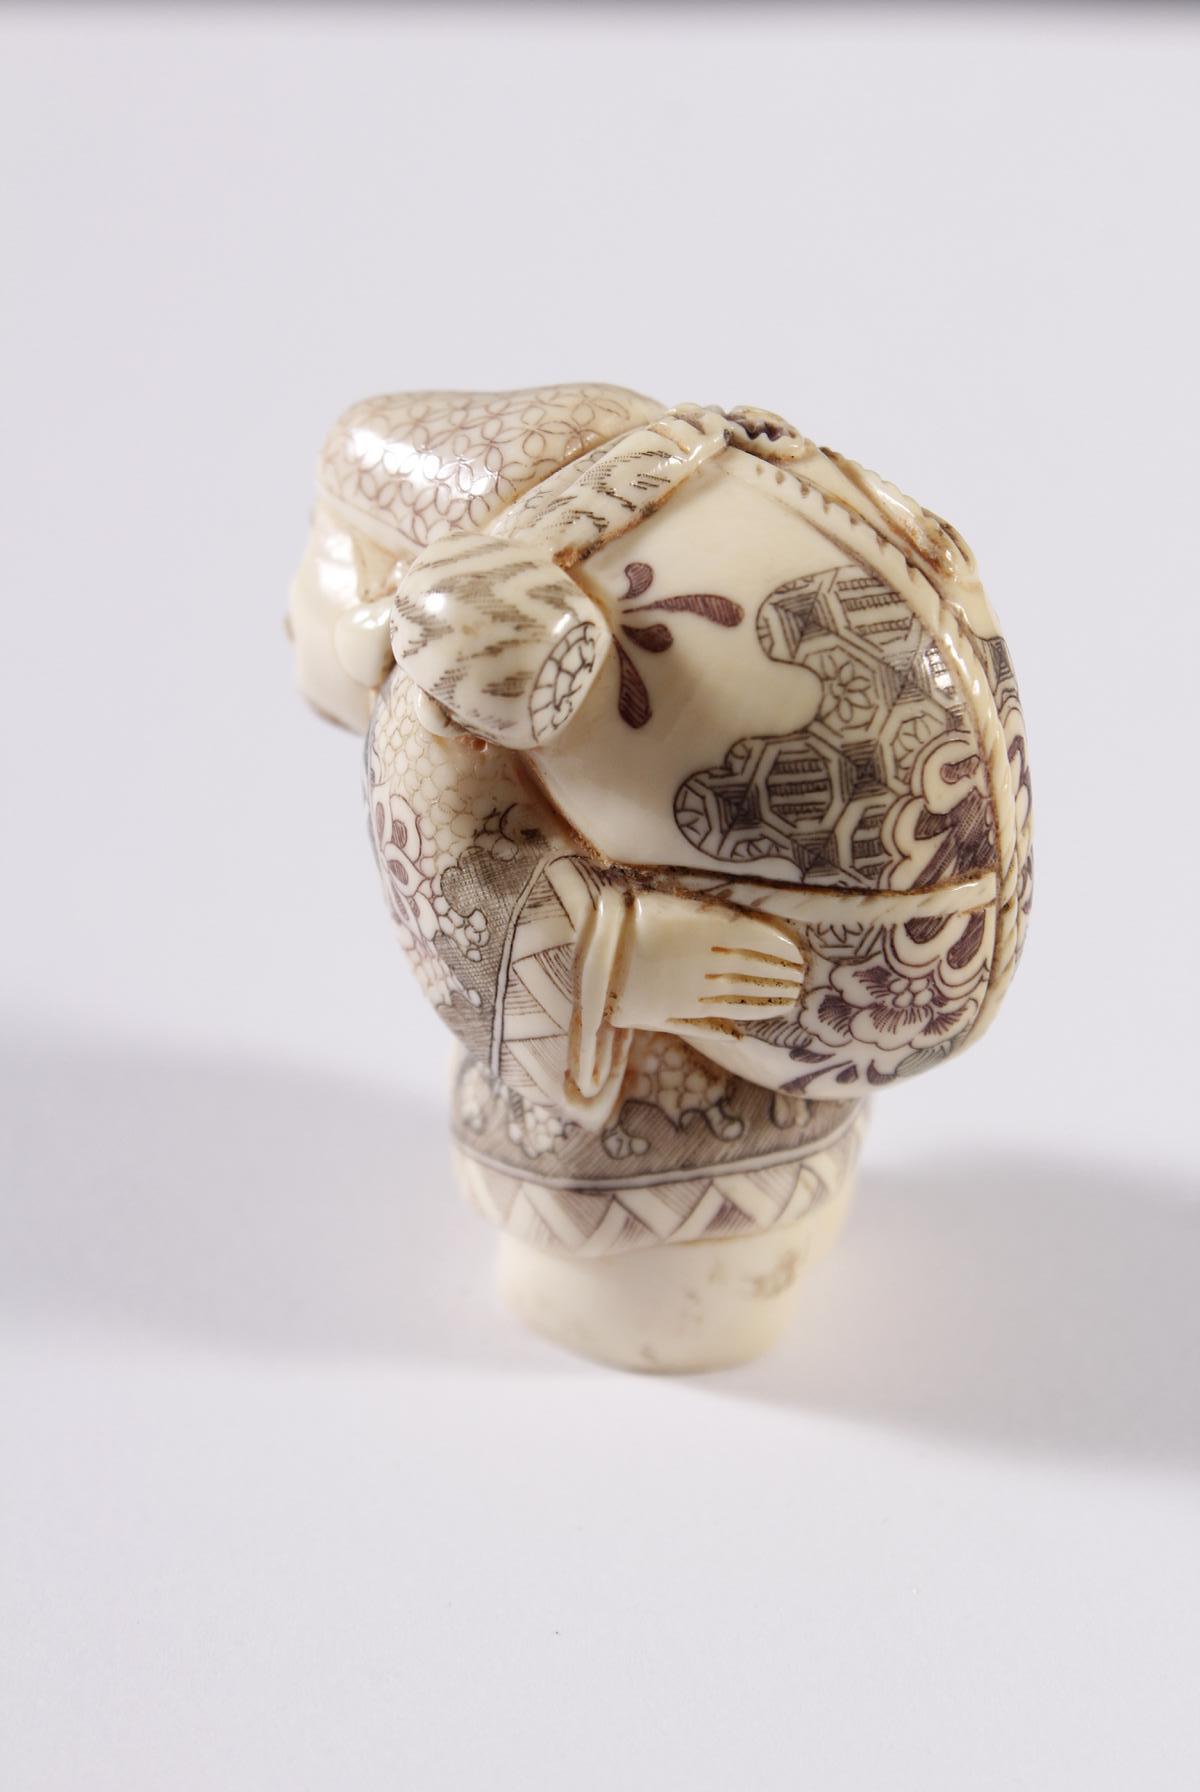 Kleines Elfenbein Okimono, Unsterblicher, Japan Meiji Periode-2